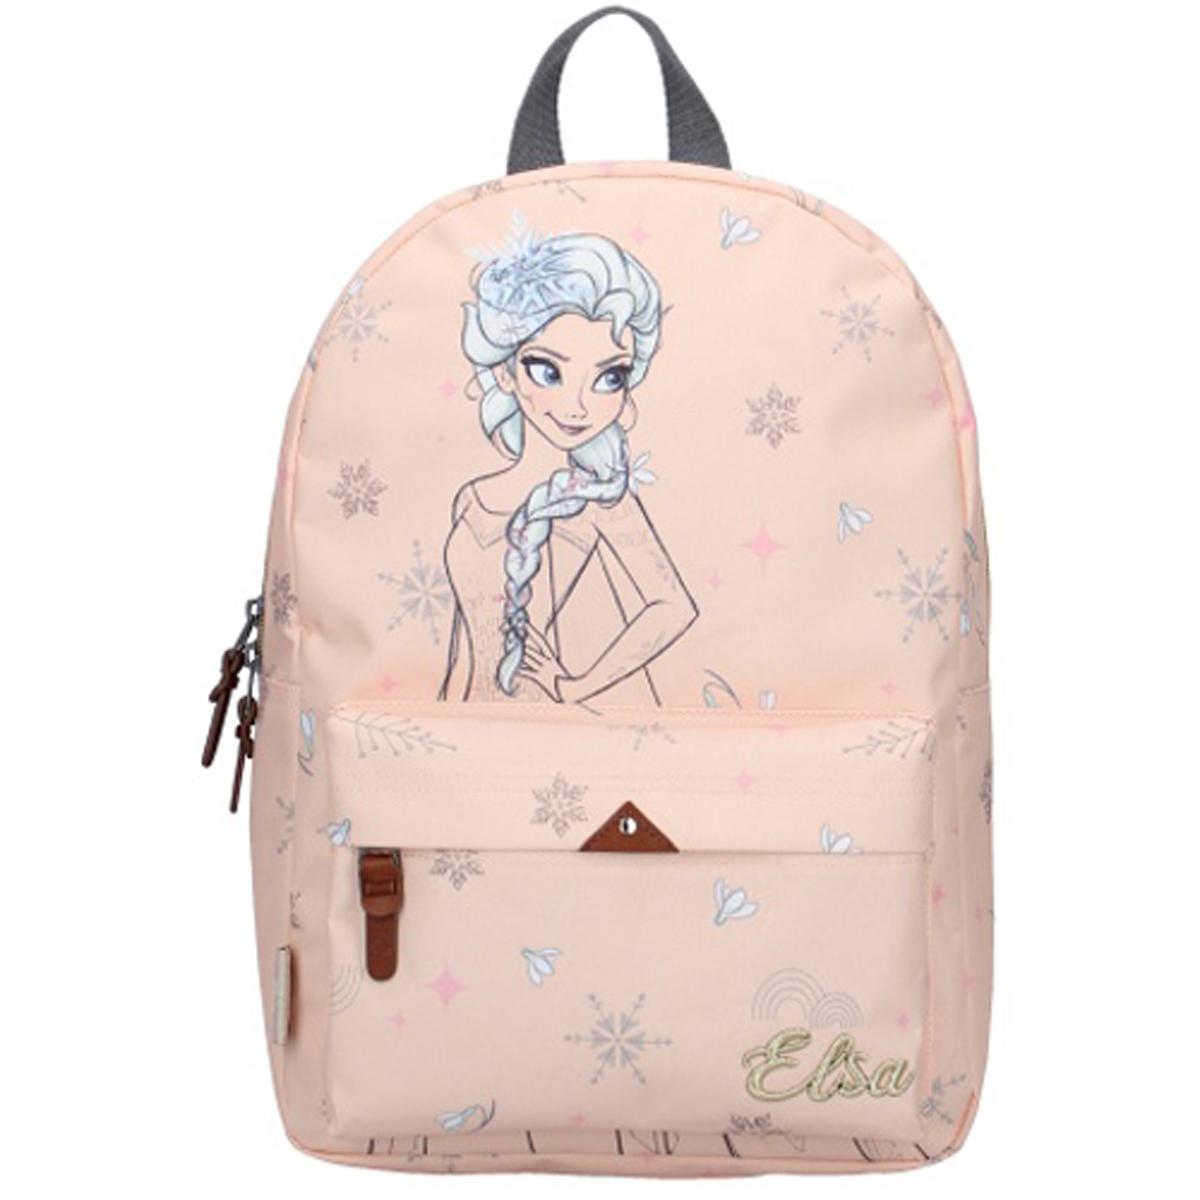 Sac à Dos \'Frozen - Reine des Neiges\' rose nude (Elsa) - 36x25x14 cm - [Q9753]